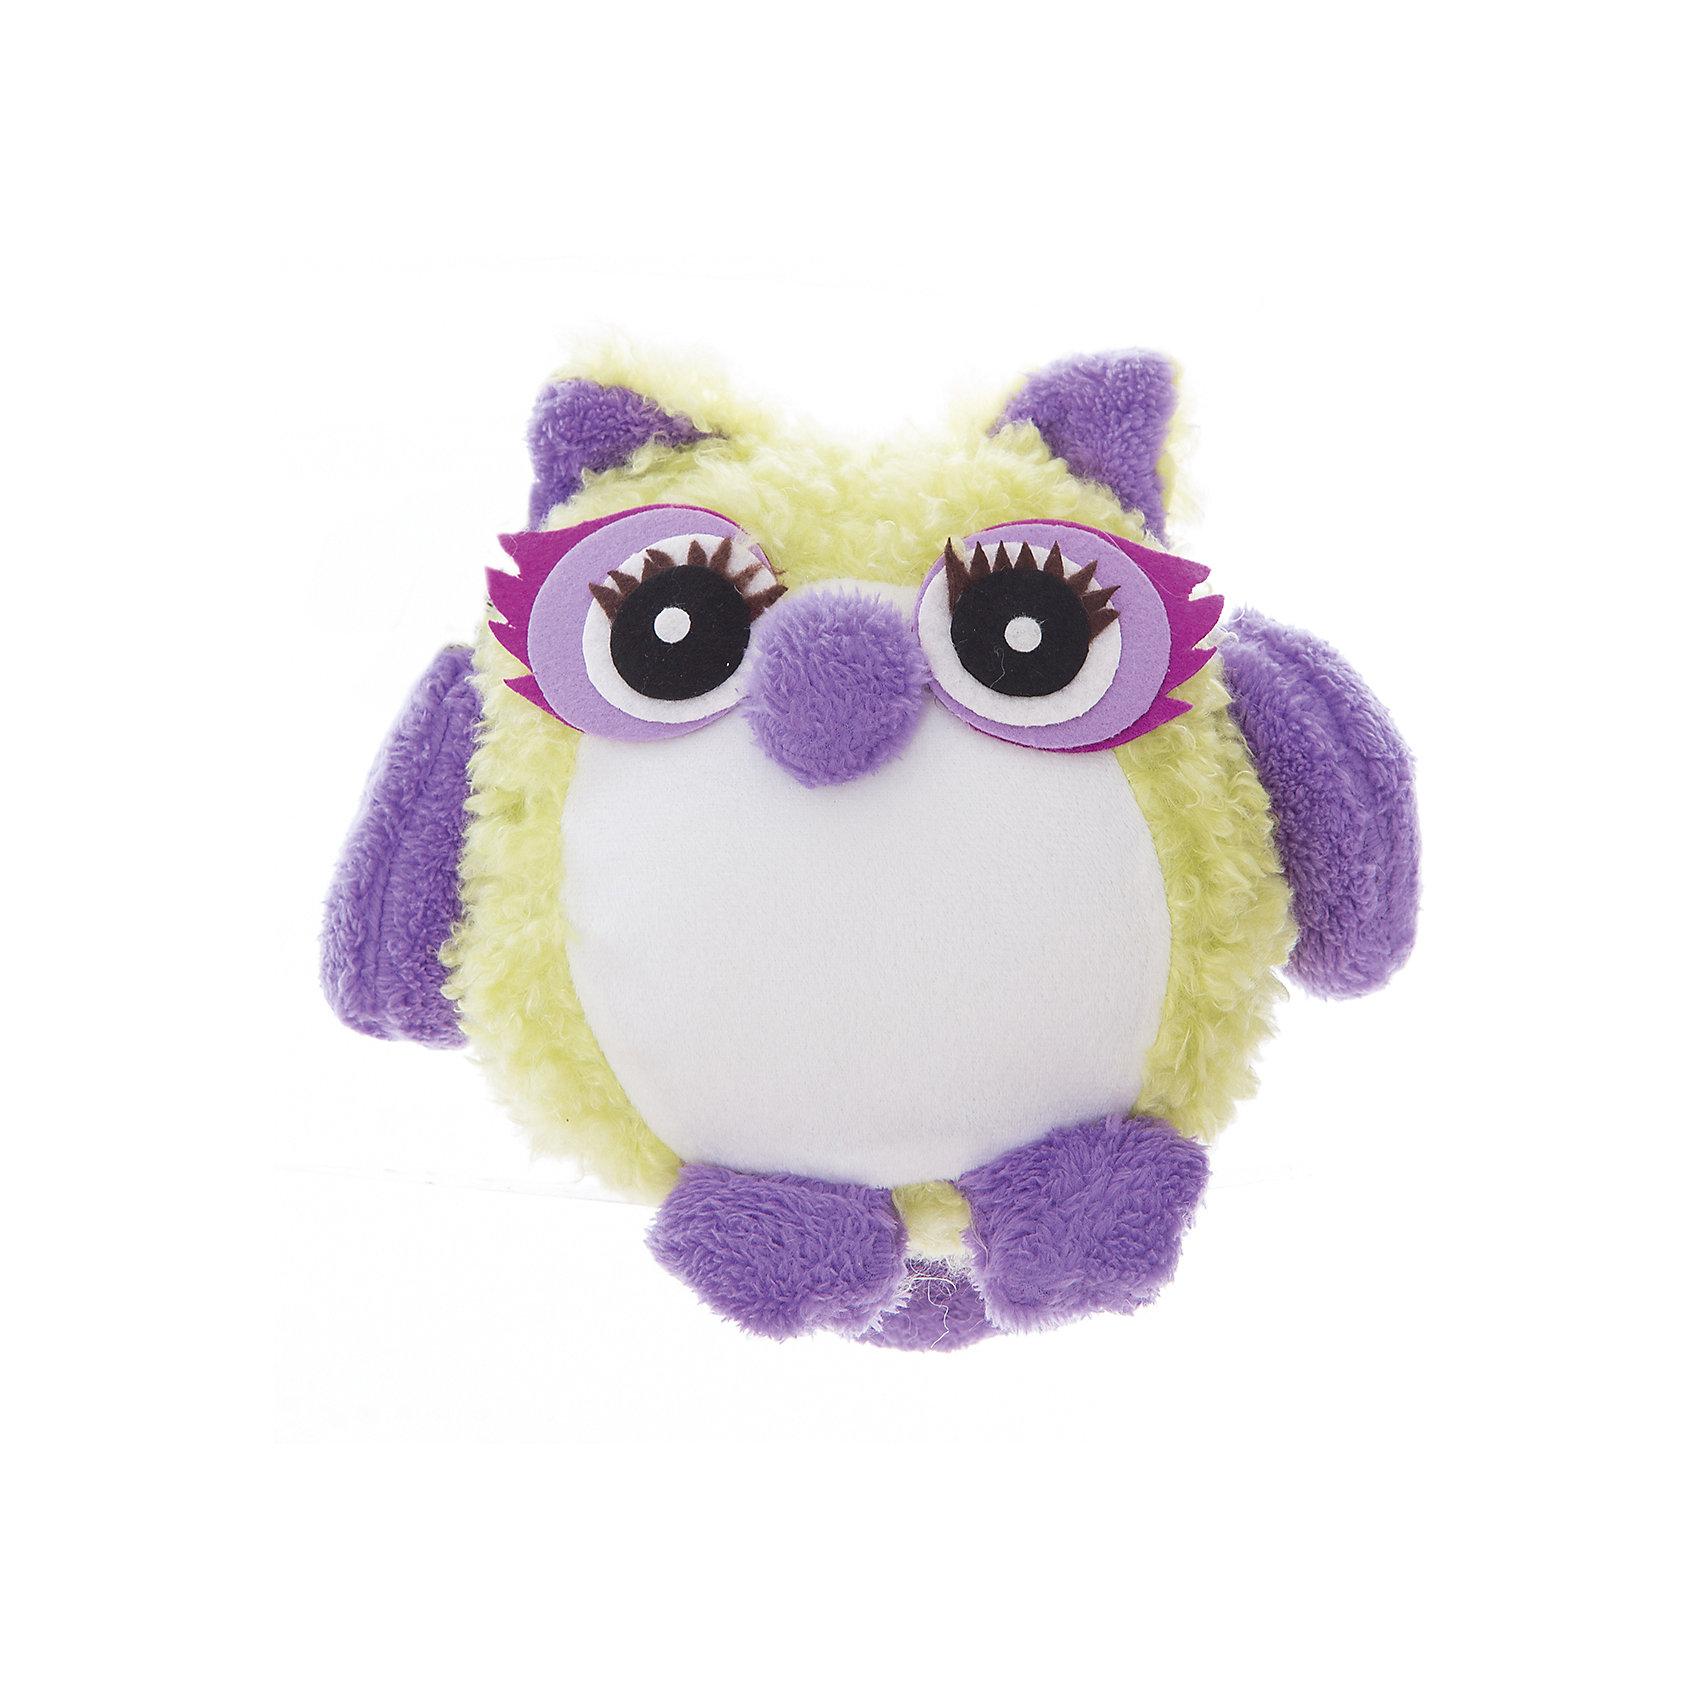 Интерьерная кукла Совушка C21-106005, EstroПредметы интерьера<br>Характеристики интерьерной куклы:<br><br>- размеры: 25*12*8 см. <br>- тип игрушки: животные, мягкая игрушка<br>- персонаж: сова<br>- вид упаковки: коробка<br>- возрастные ограничения: 3+<br>- комплектация: игрушка <br>- состав: полиэстер, полиэфир<br>- материал изготовления: высококачественный пластик, полиэстер, ткань<br>- стиль: классический, прованс<br>- бренд: Estro <br>- страна бренда: Италия<br>- страна производитель: Китай<br><br>Важный совенок фиолетового цвета итальянской торговой марки Estro прекрасно дополнит, как детскую, так и спальню родителей. Игрушка будет по достоинству оценена всеми любителями мягких игрушек, изготовлена из качественных материалов приятной расцветки. Ее внешний вид продуман до мелочей. Совенок окрашен в салатовый, сиреневый цвет. <br><br>Интерьерную куклу сова итальянской торговой марки Estro можно купить в нашем интернет-магазине.<br><br>Ширина мм: 200<br>Глубина мм: 200<br>Высота мм: 250<br>Вес г: 173<br>Возраст от месяцев: 36<br>Возраст до месяцев: 1188<br>Пол: Женский<br>Возраст: Детский<br>SKU: 5356631